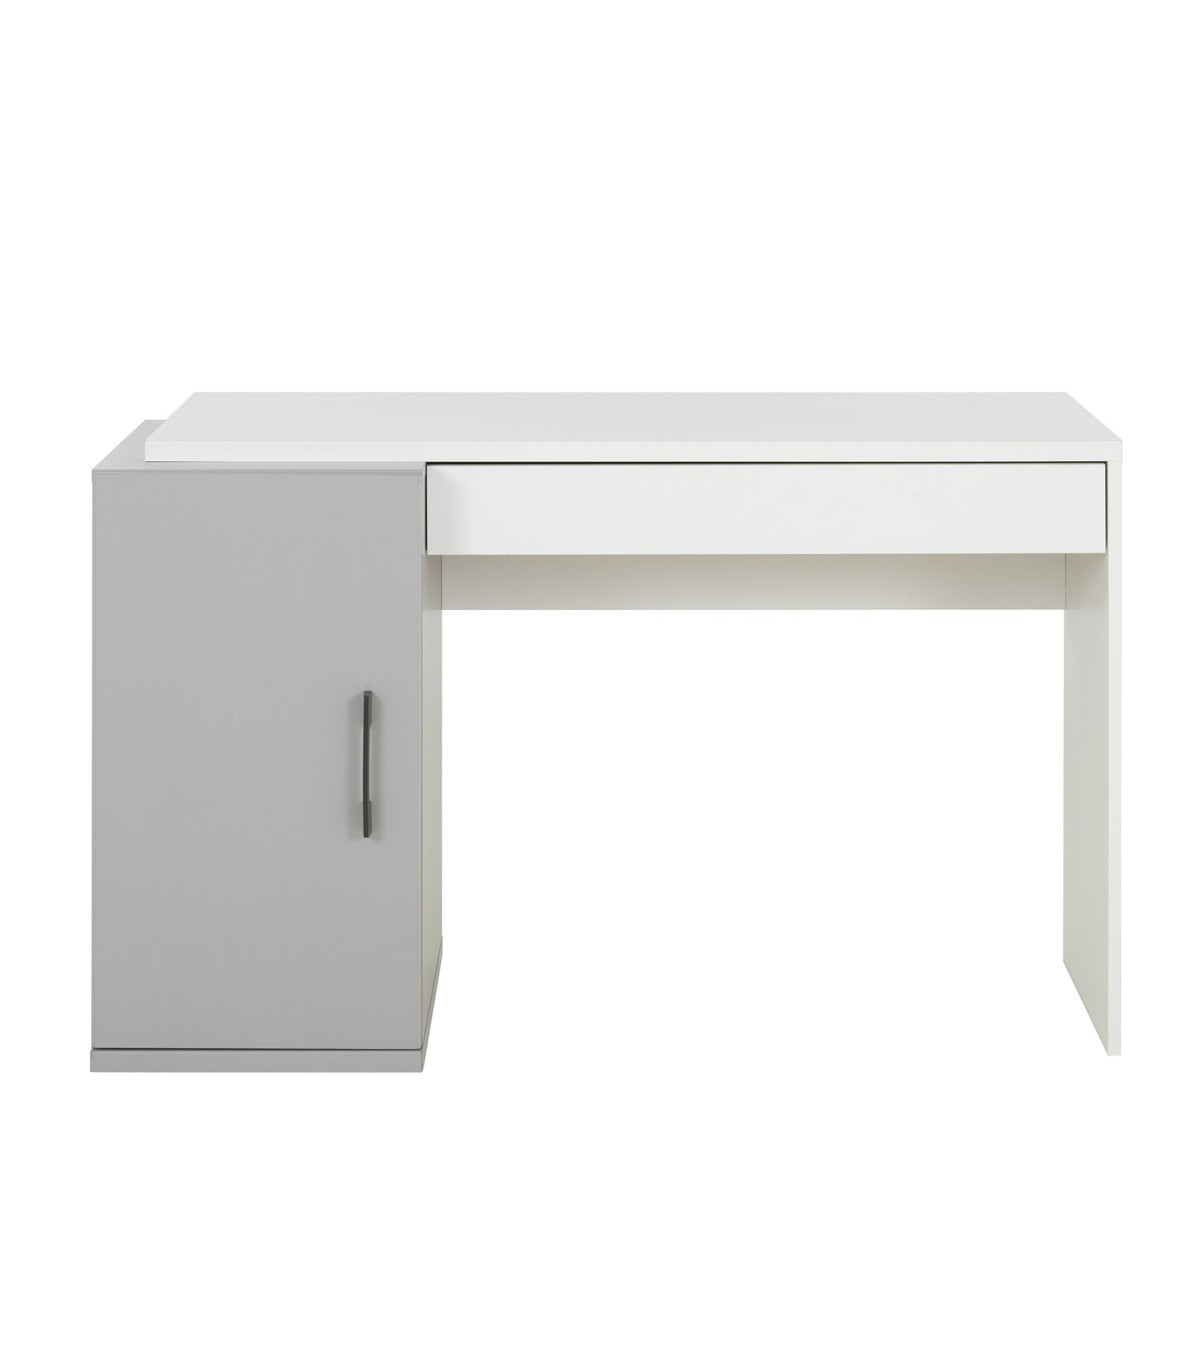 Bureau avec caisson de rangement et tiroir - Gris